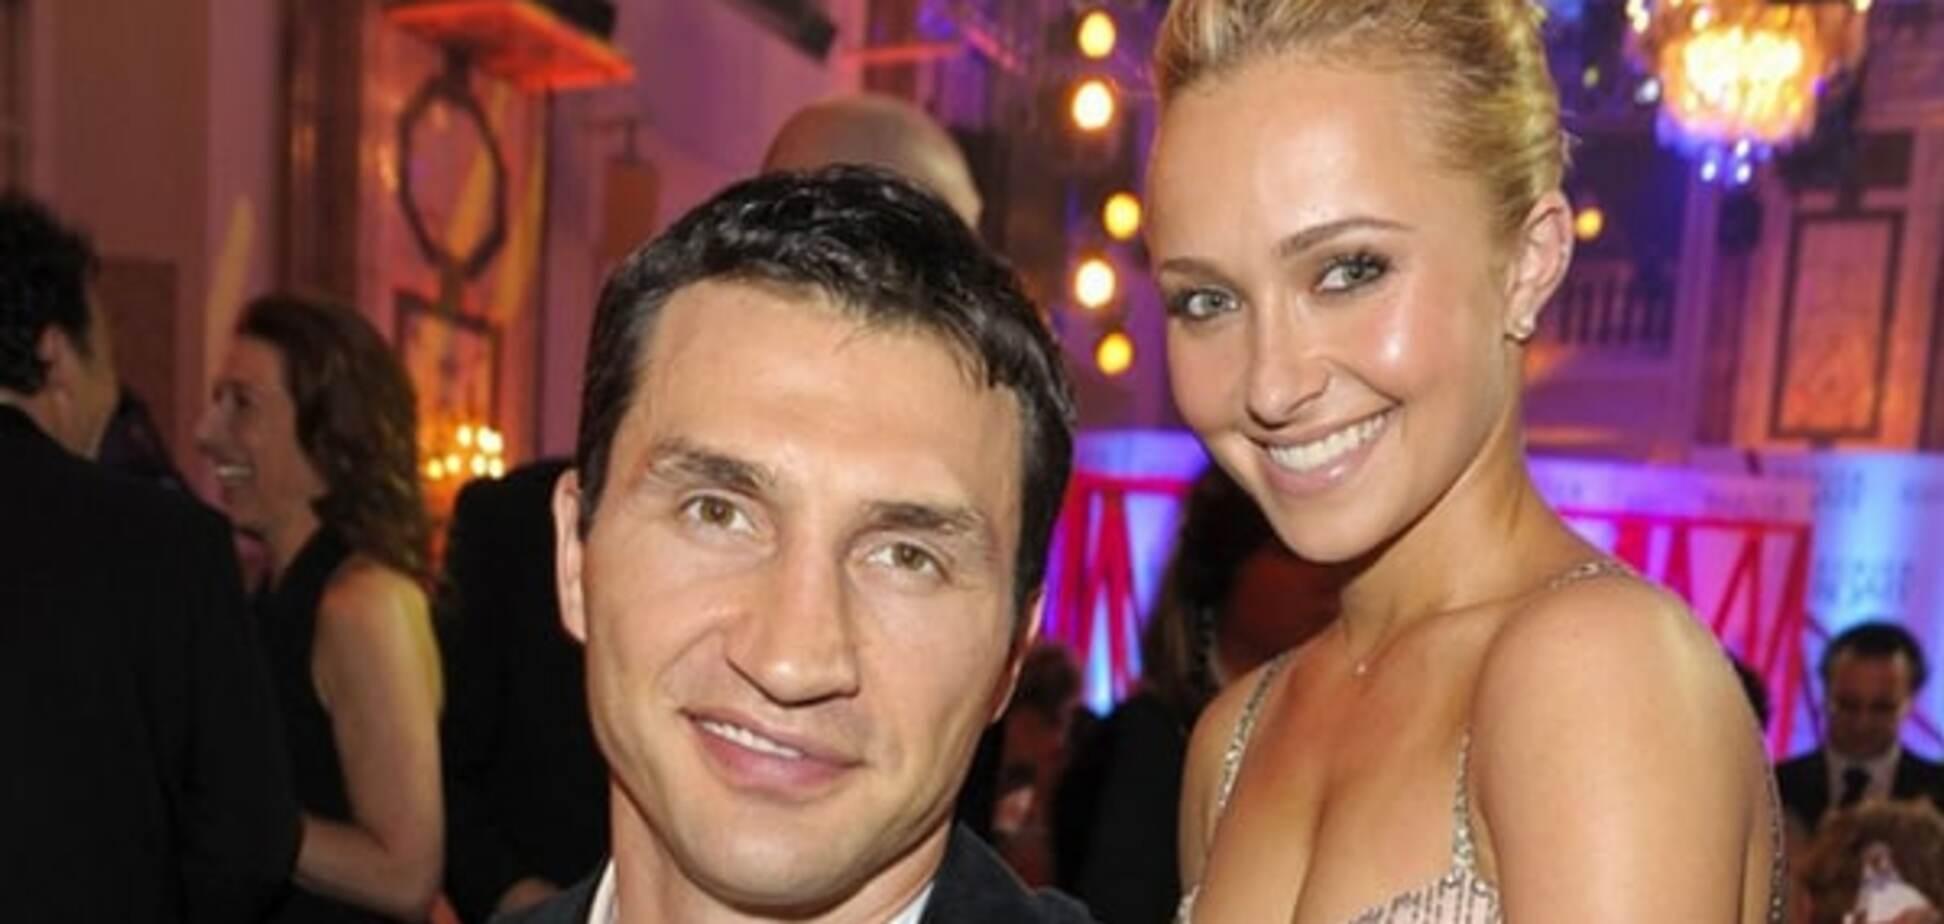 ТОП-3 зірваних весілля: чому Кличко не одружиться на Панеттьєрі